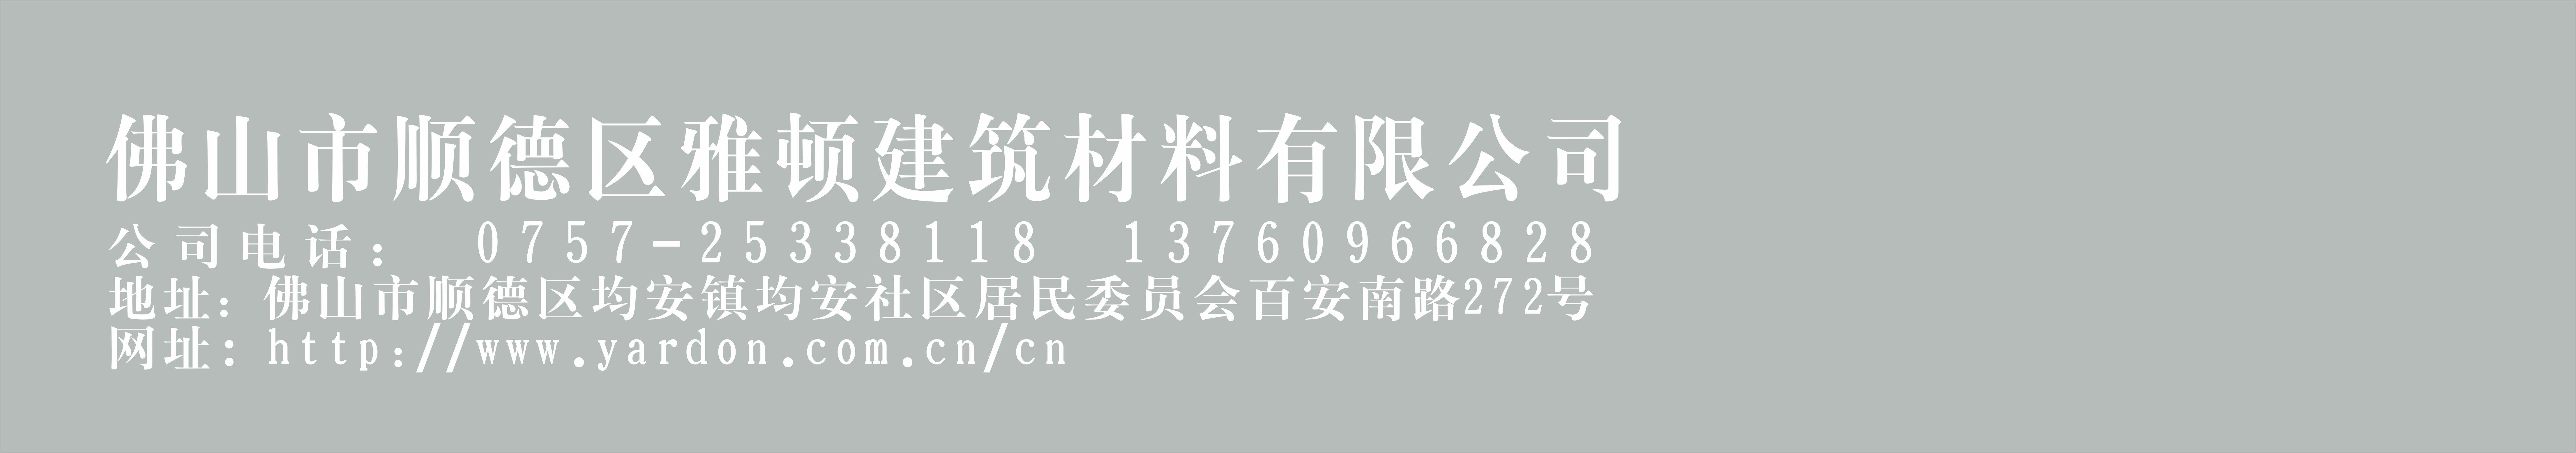 公司地址-1